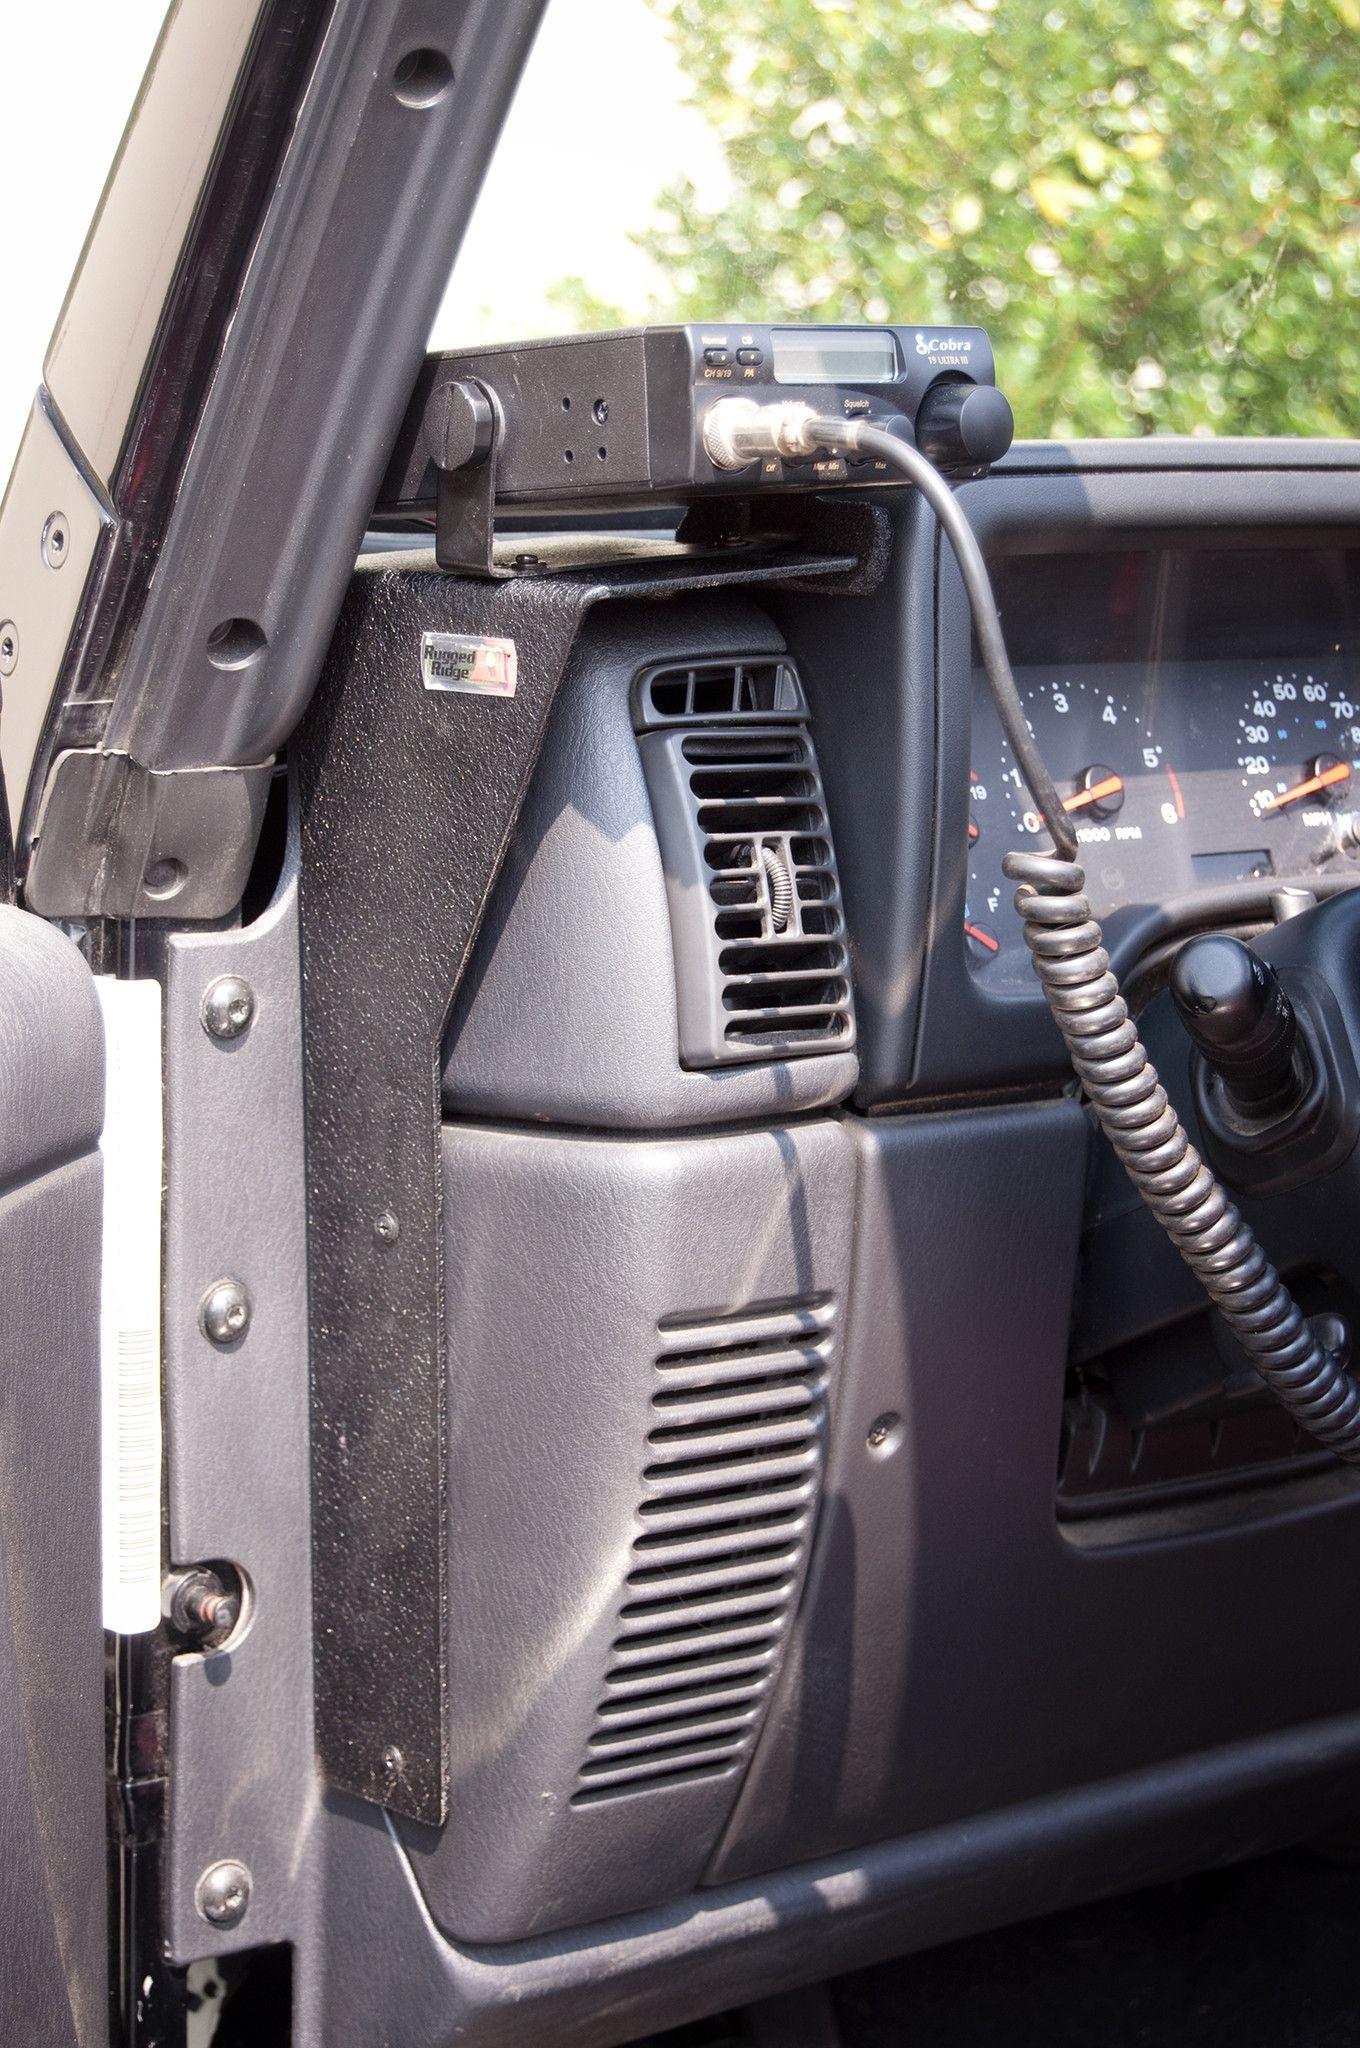 Cb Radio Dash Mount 97 06 Jeep Wrangler Tj Lj Jeep Wrangler Interior Jeep Wrangler Jeep Wrangler Tj